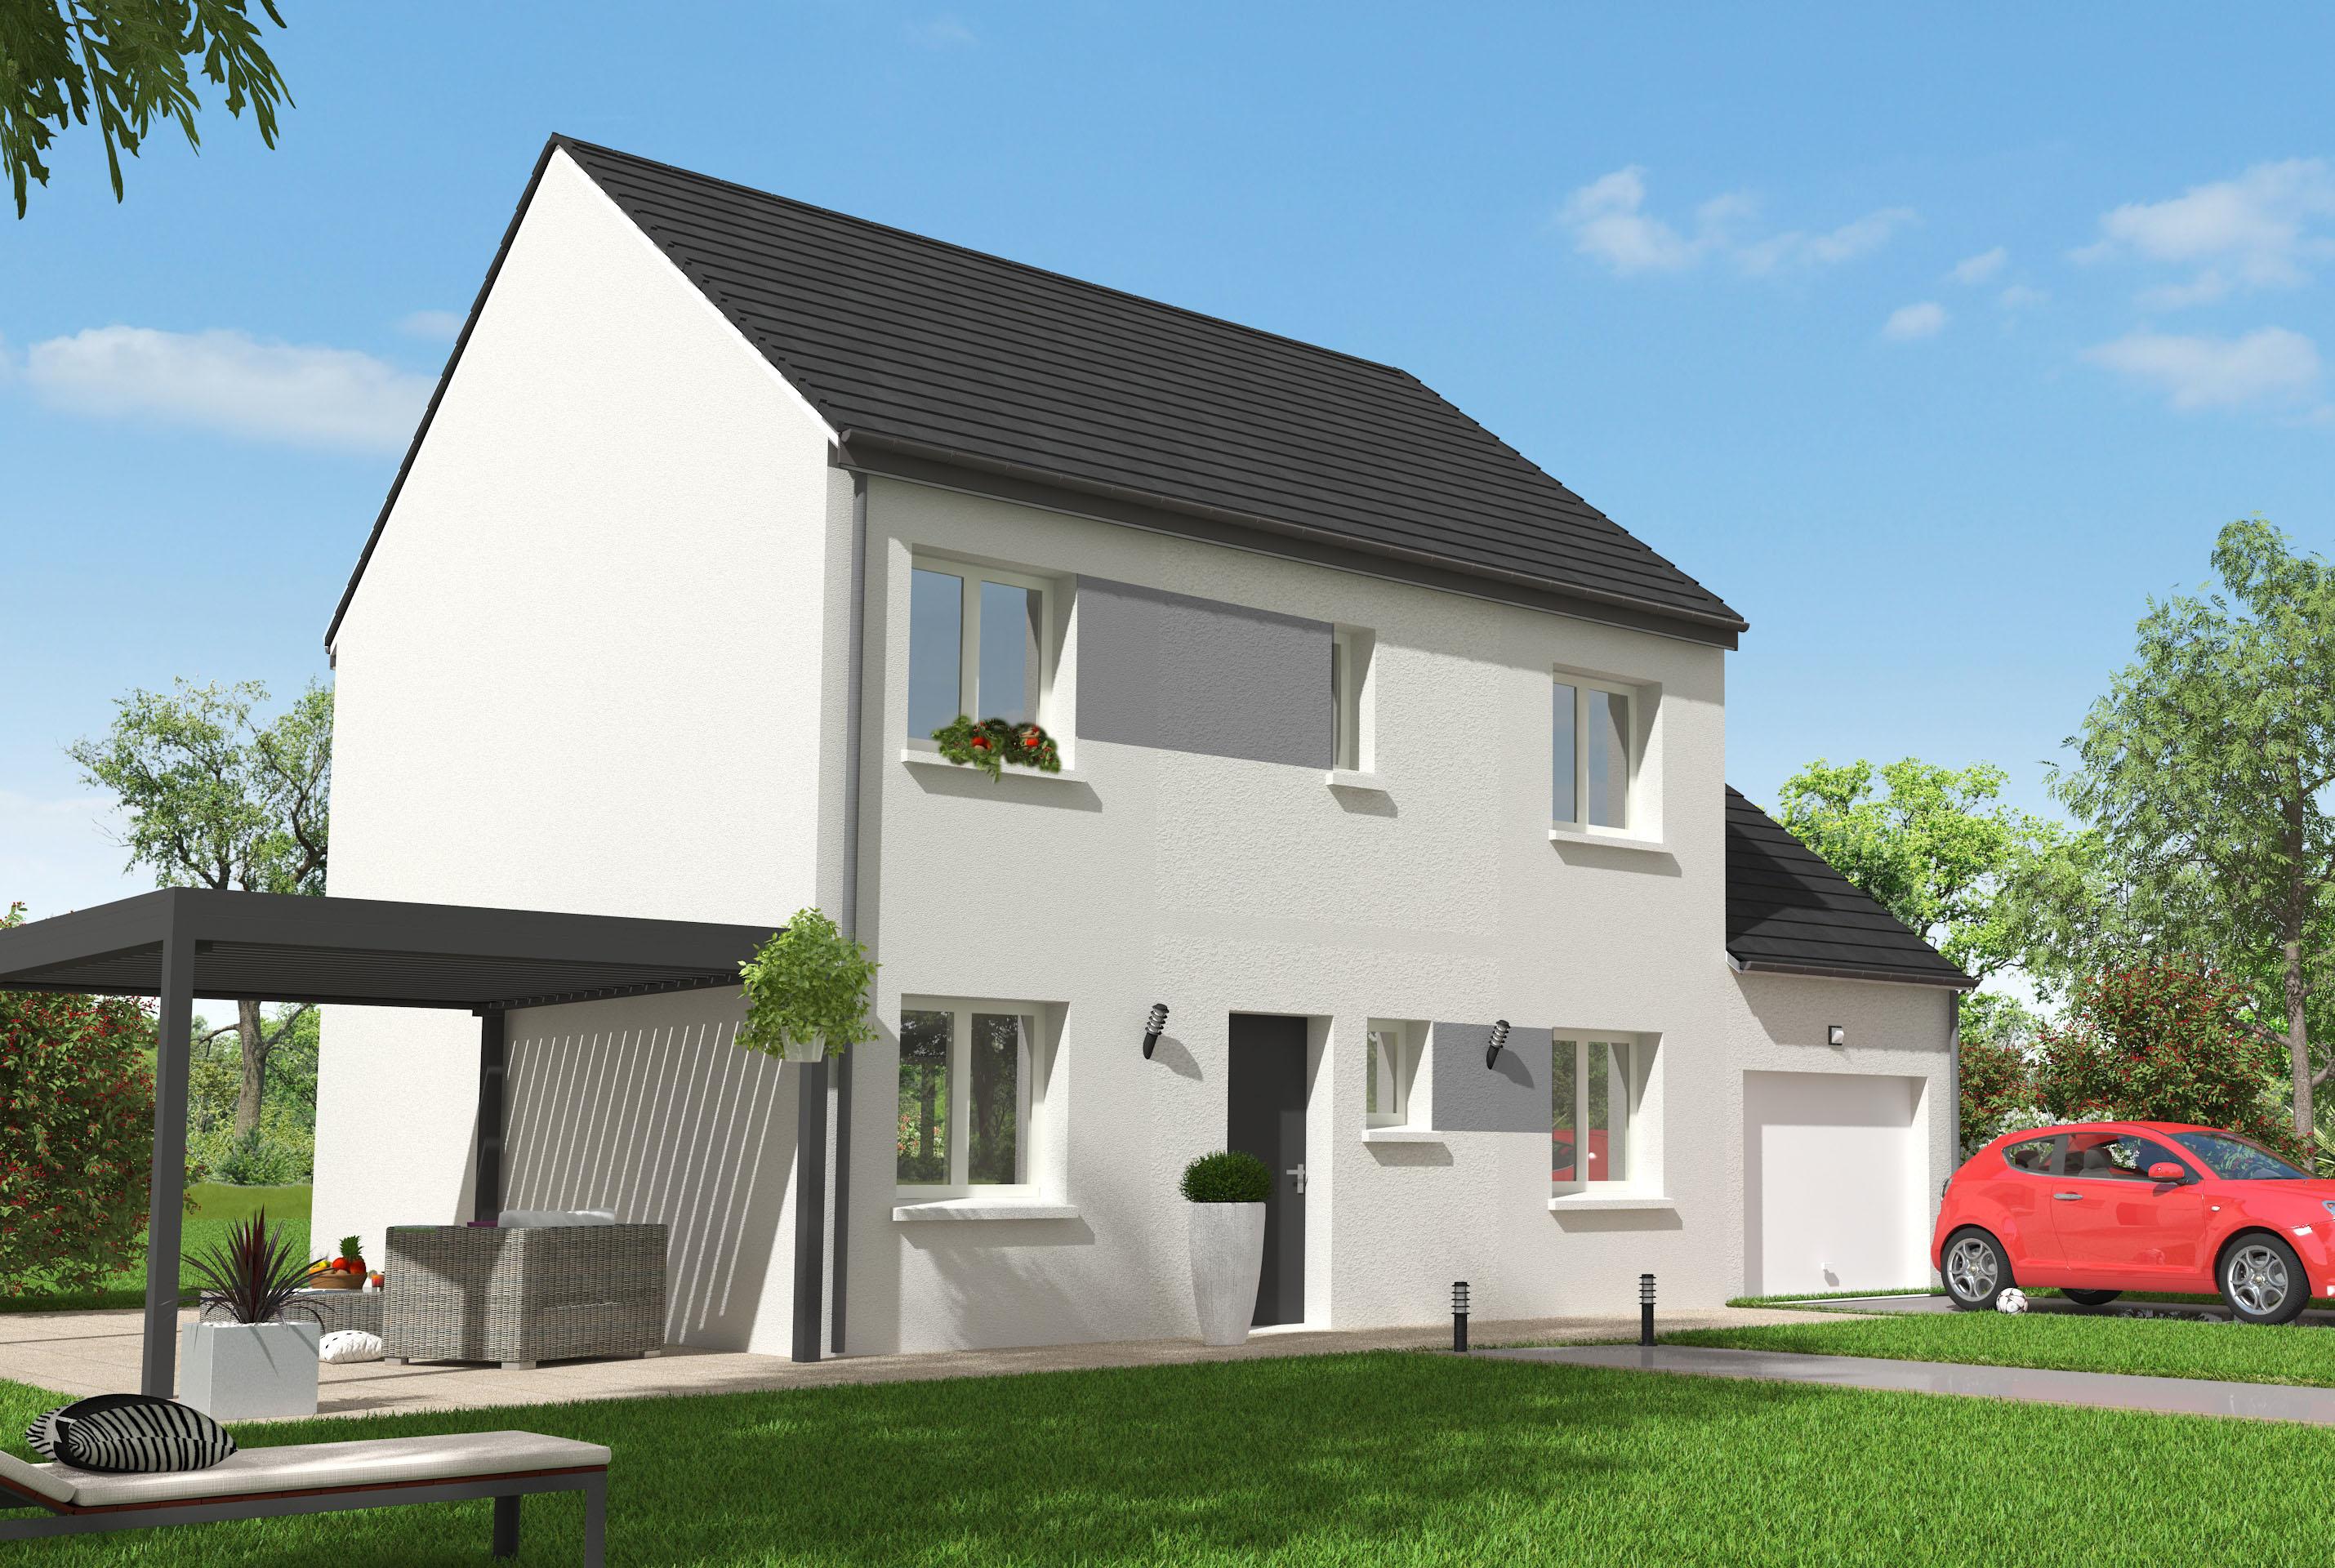 Maisons + Terrains du constructeur MAISON 7 SENS • 106 m² • ARPAJON